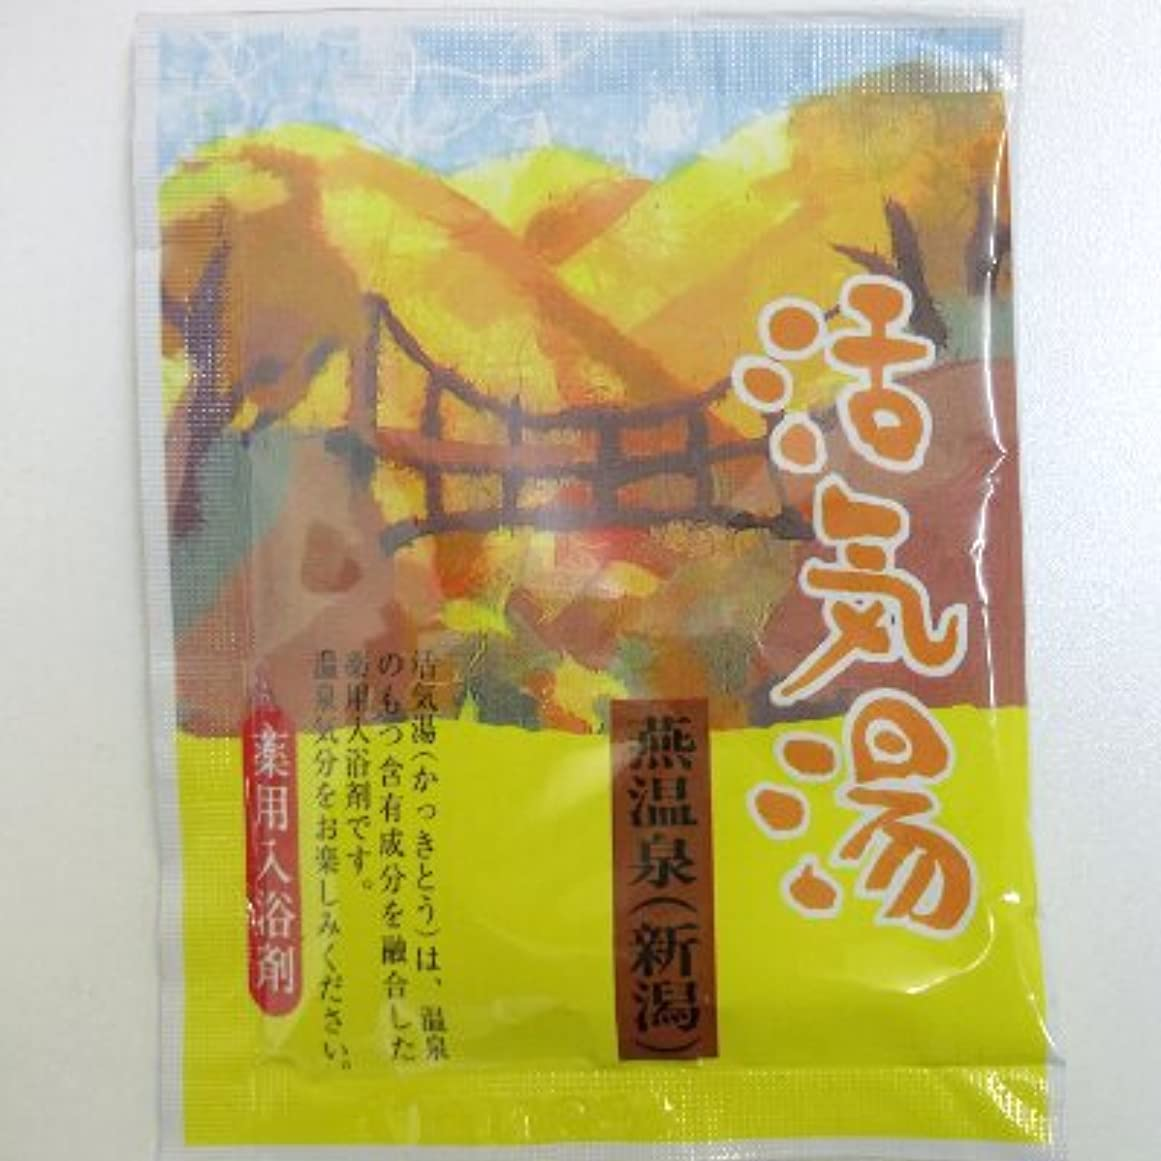 ピルファーベックス辛い活気湯 燕温泉(シトラス)